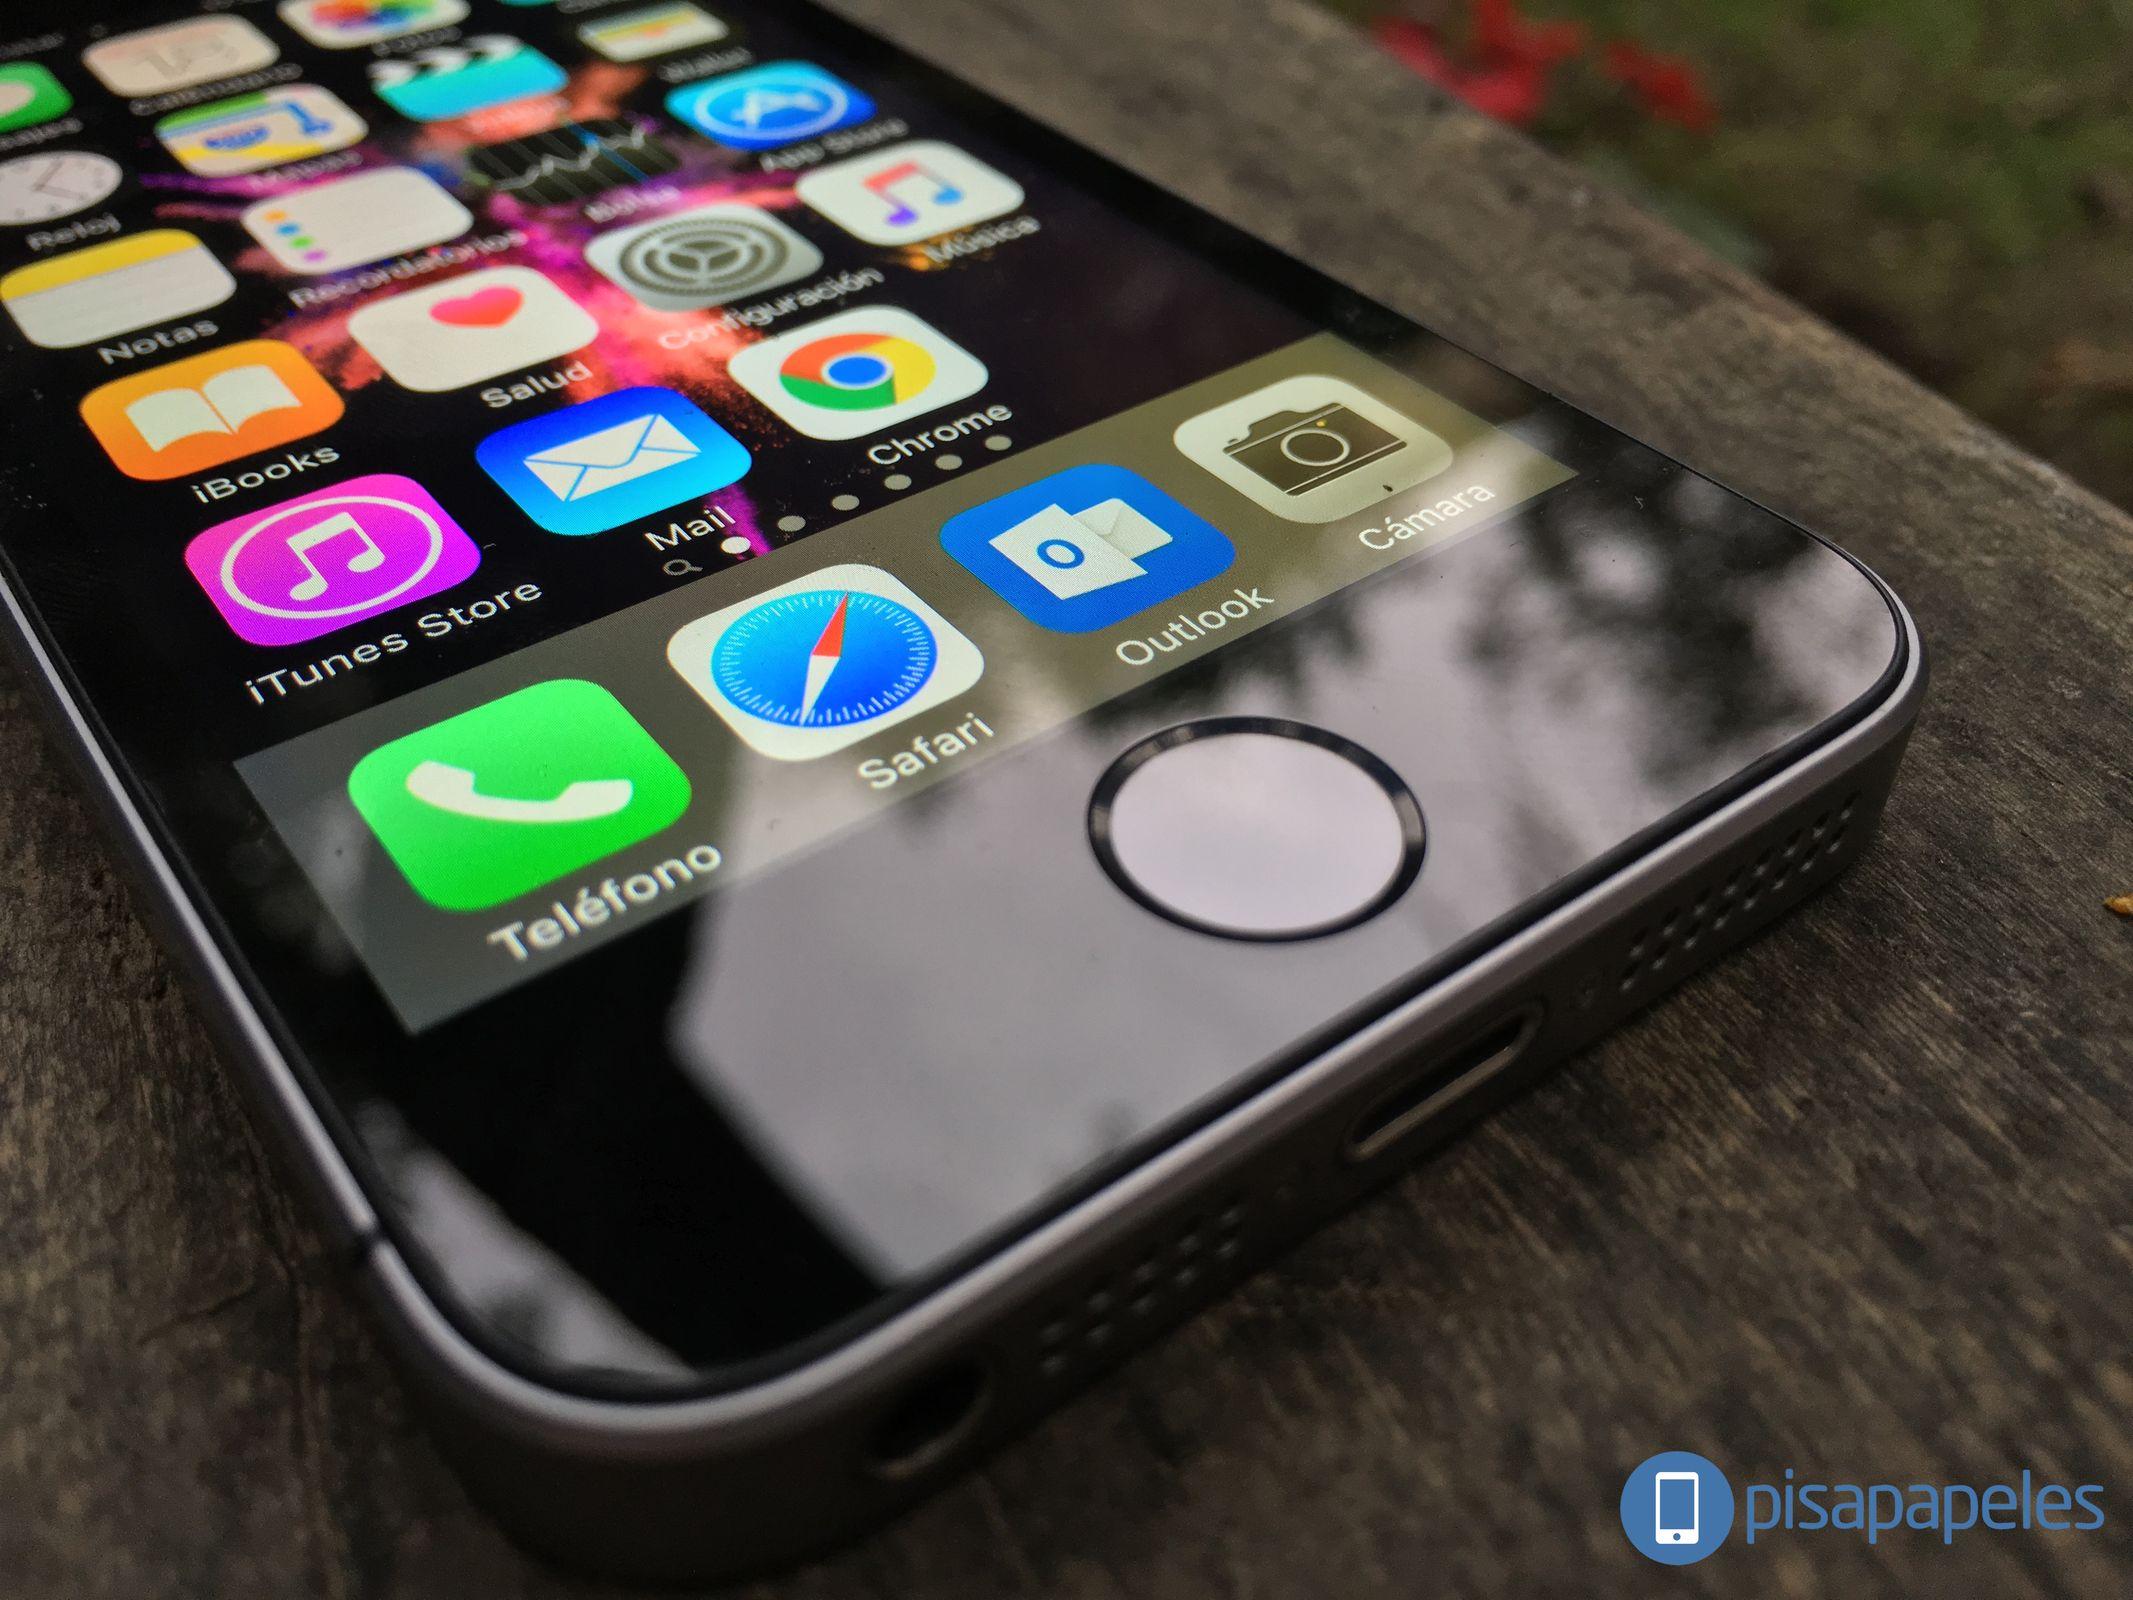 6e3a24c33c7 Carcasas y bumpers filtrados del iPhone 7 revelan detalles en su diseño